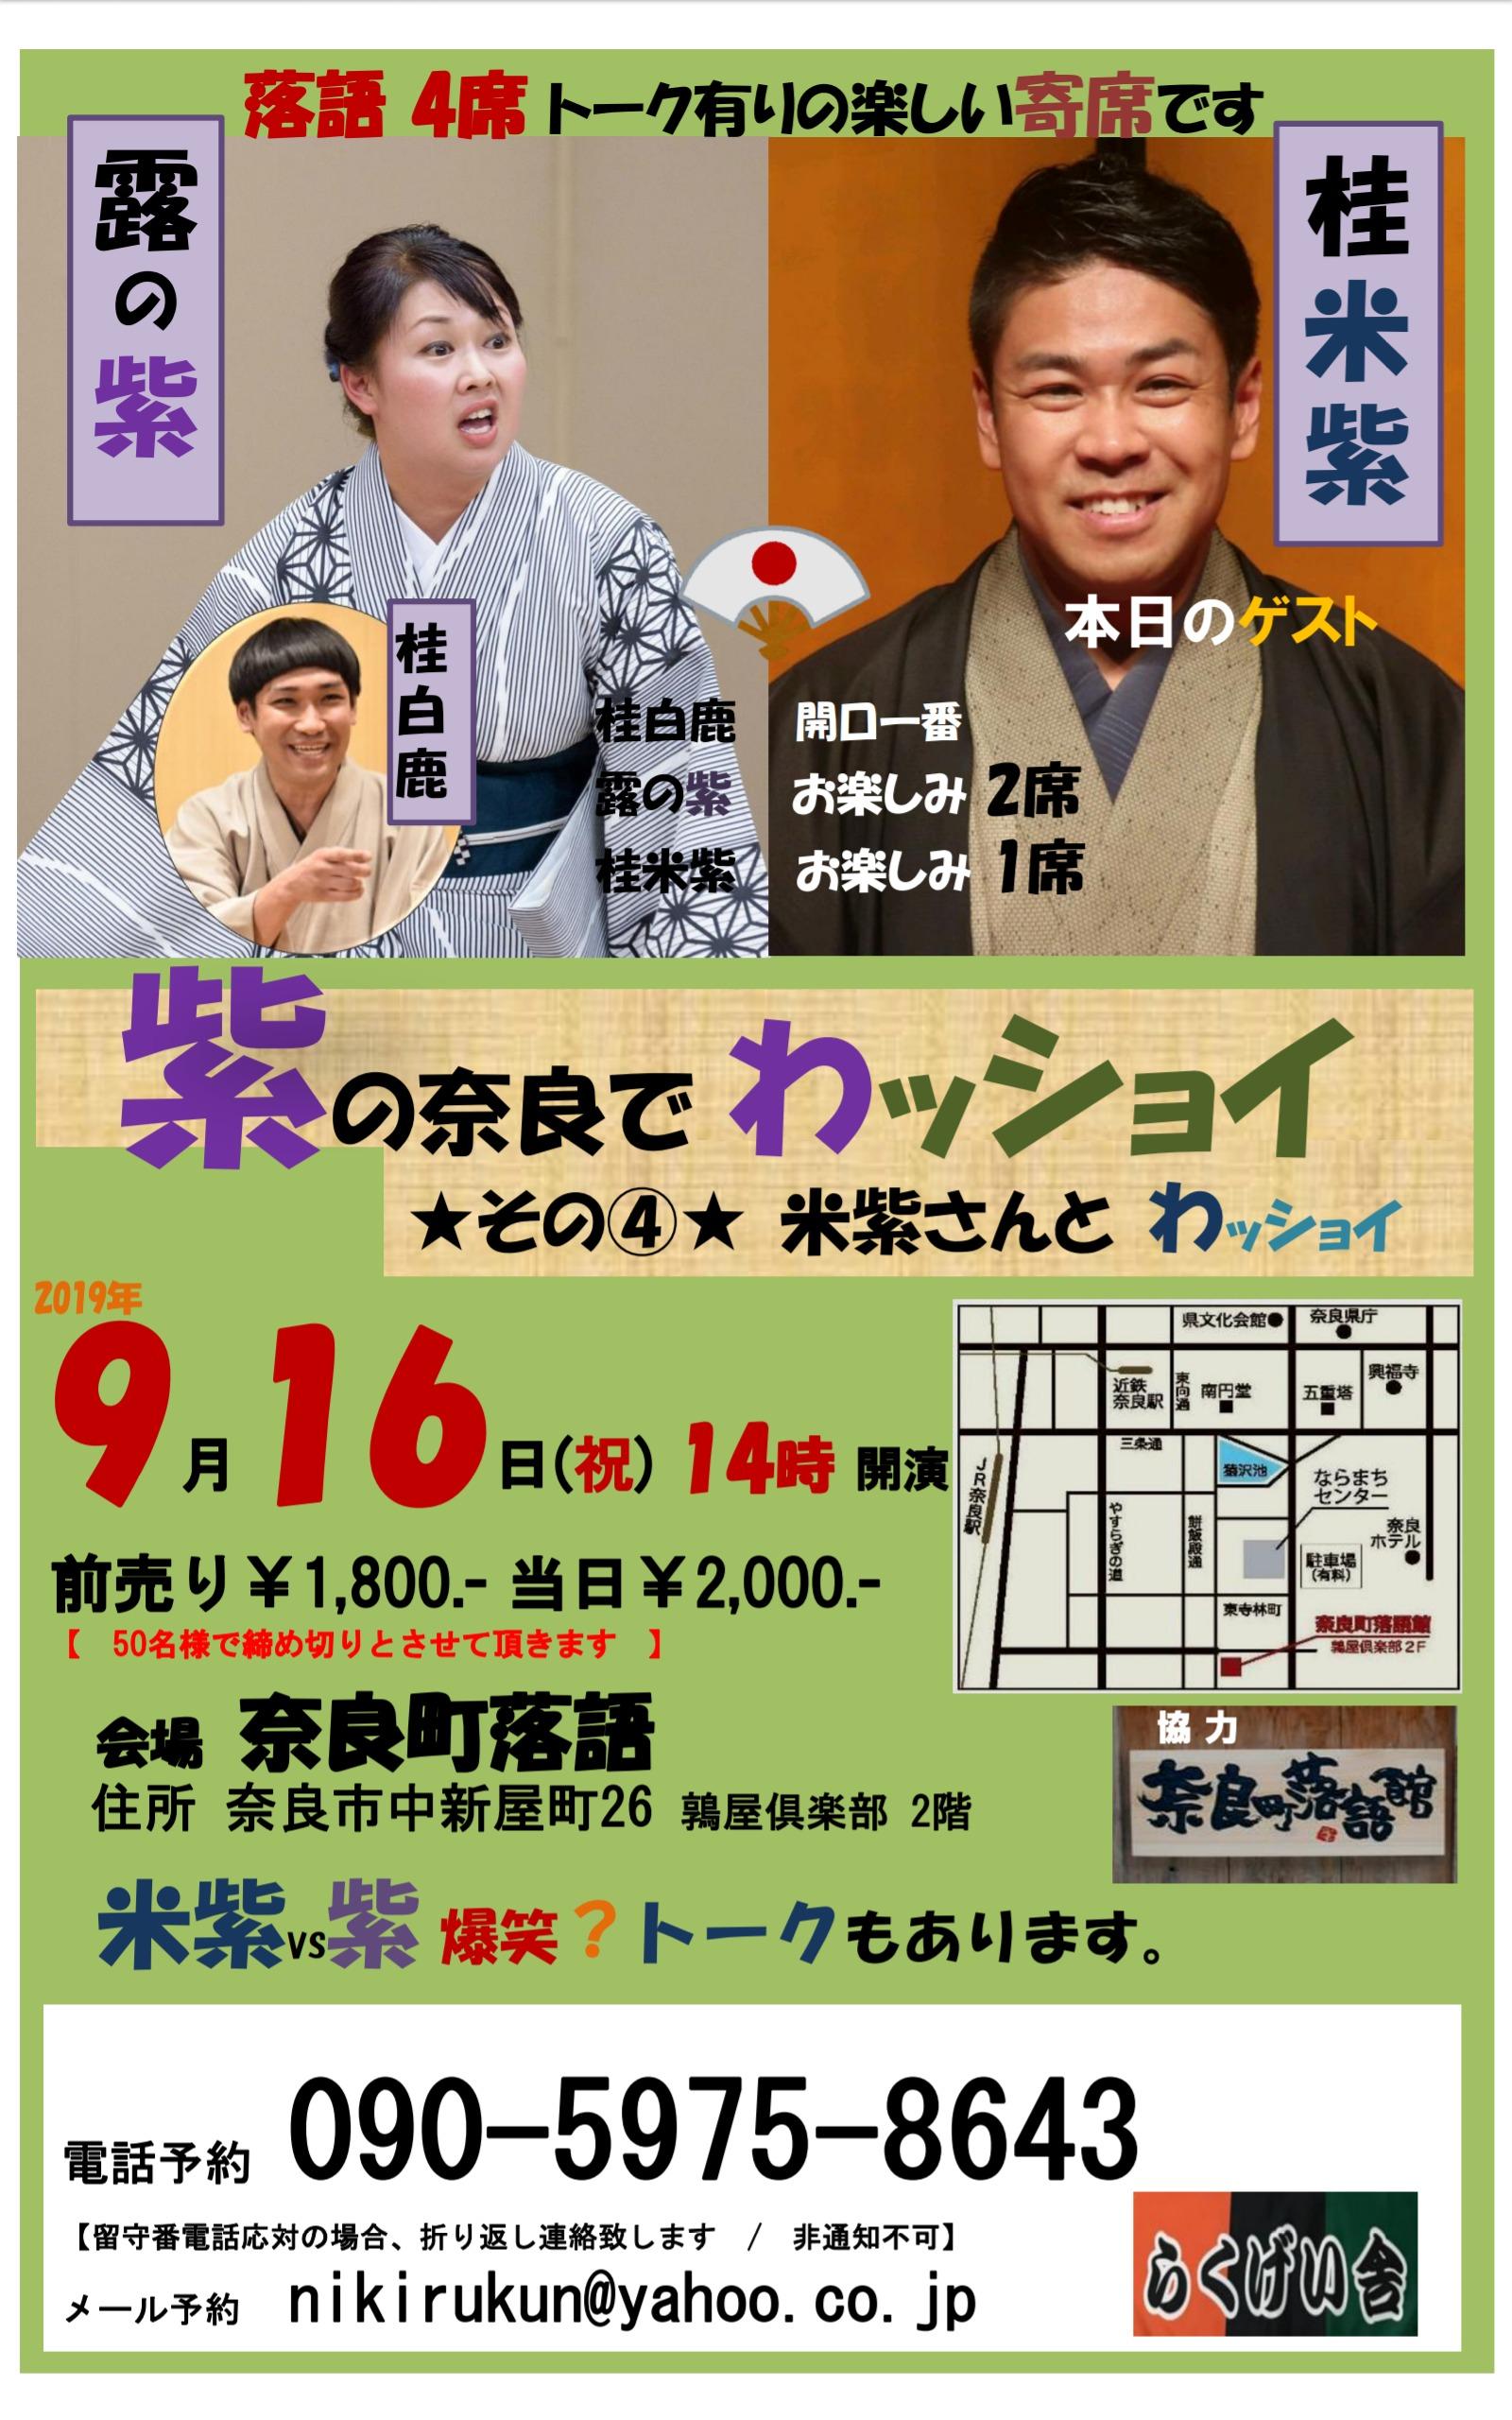 2019年、イベント、奈良県、奈良市、9月、奈良町落語館、紫の奈良でわッショイ、観劇。